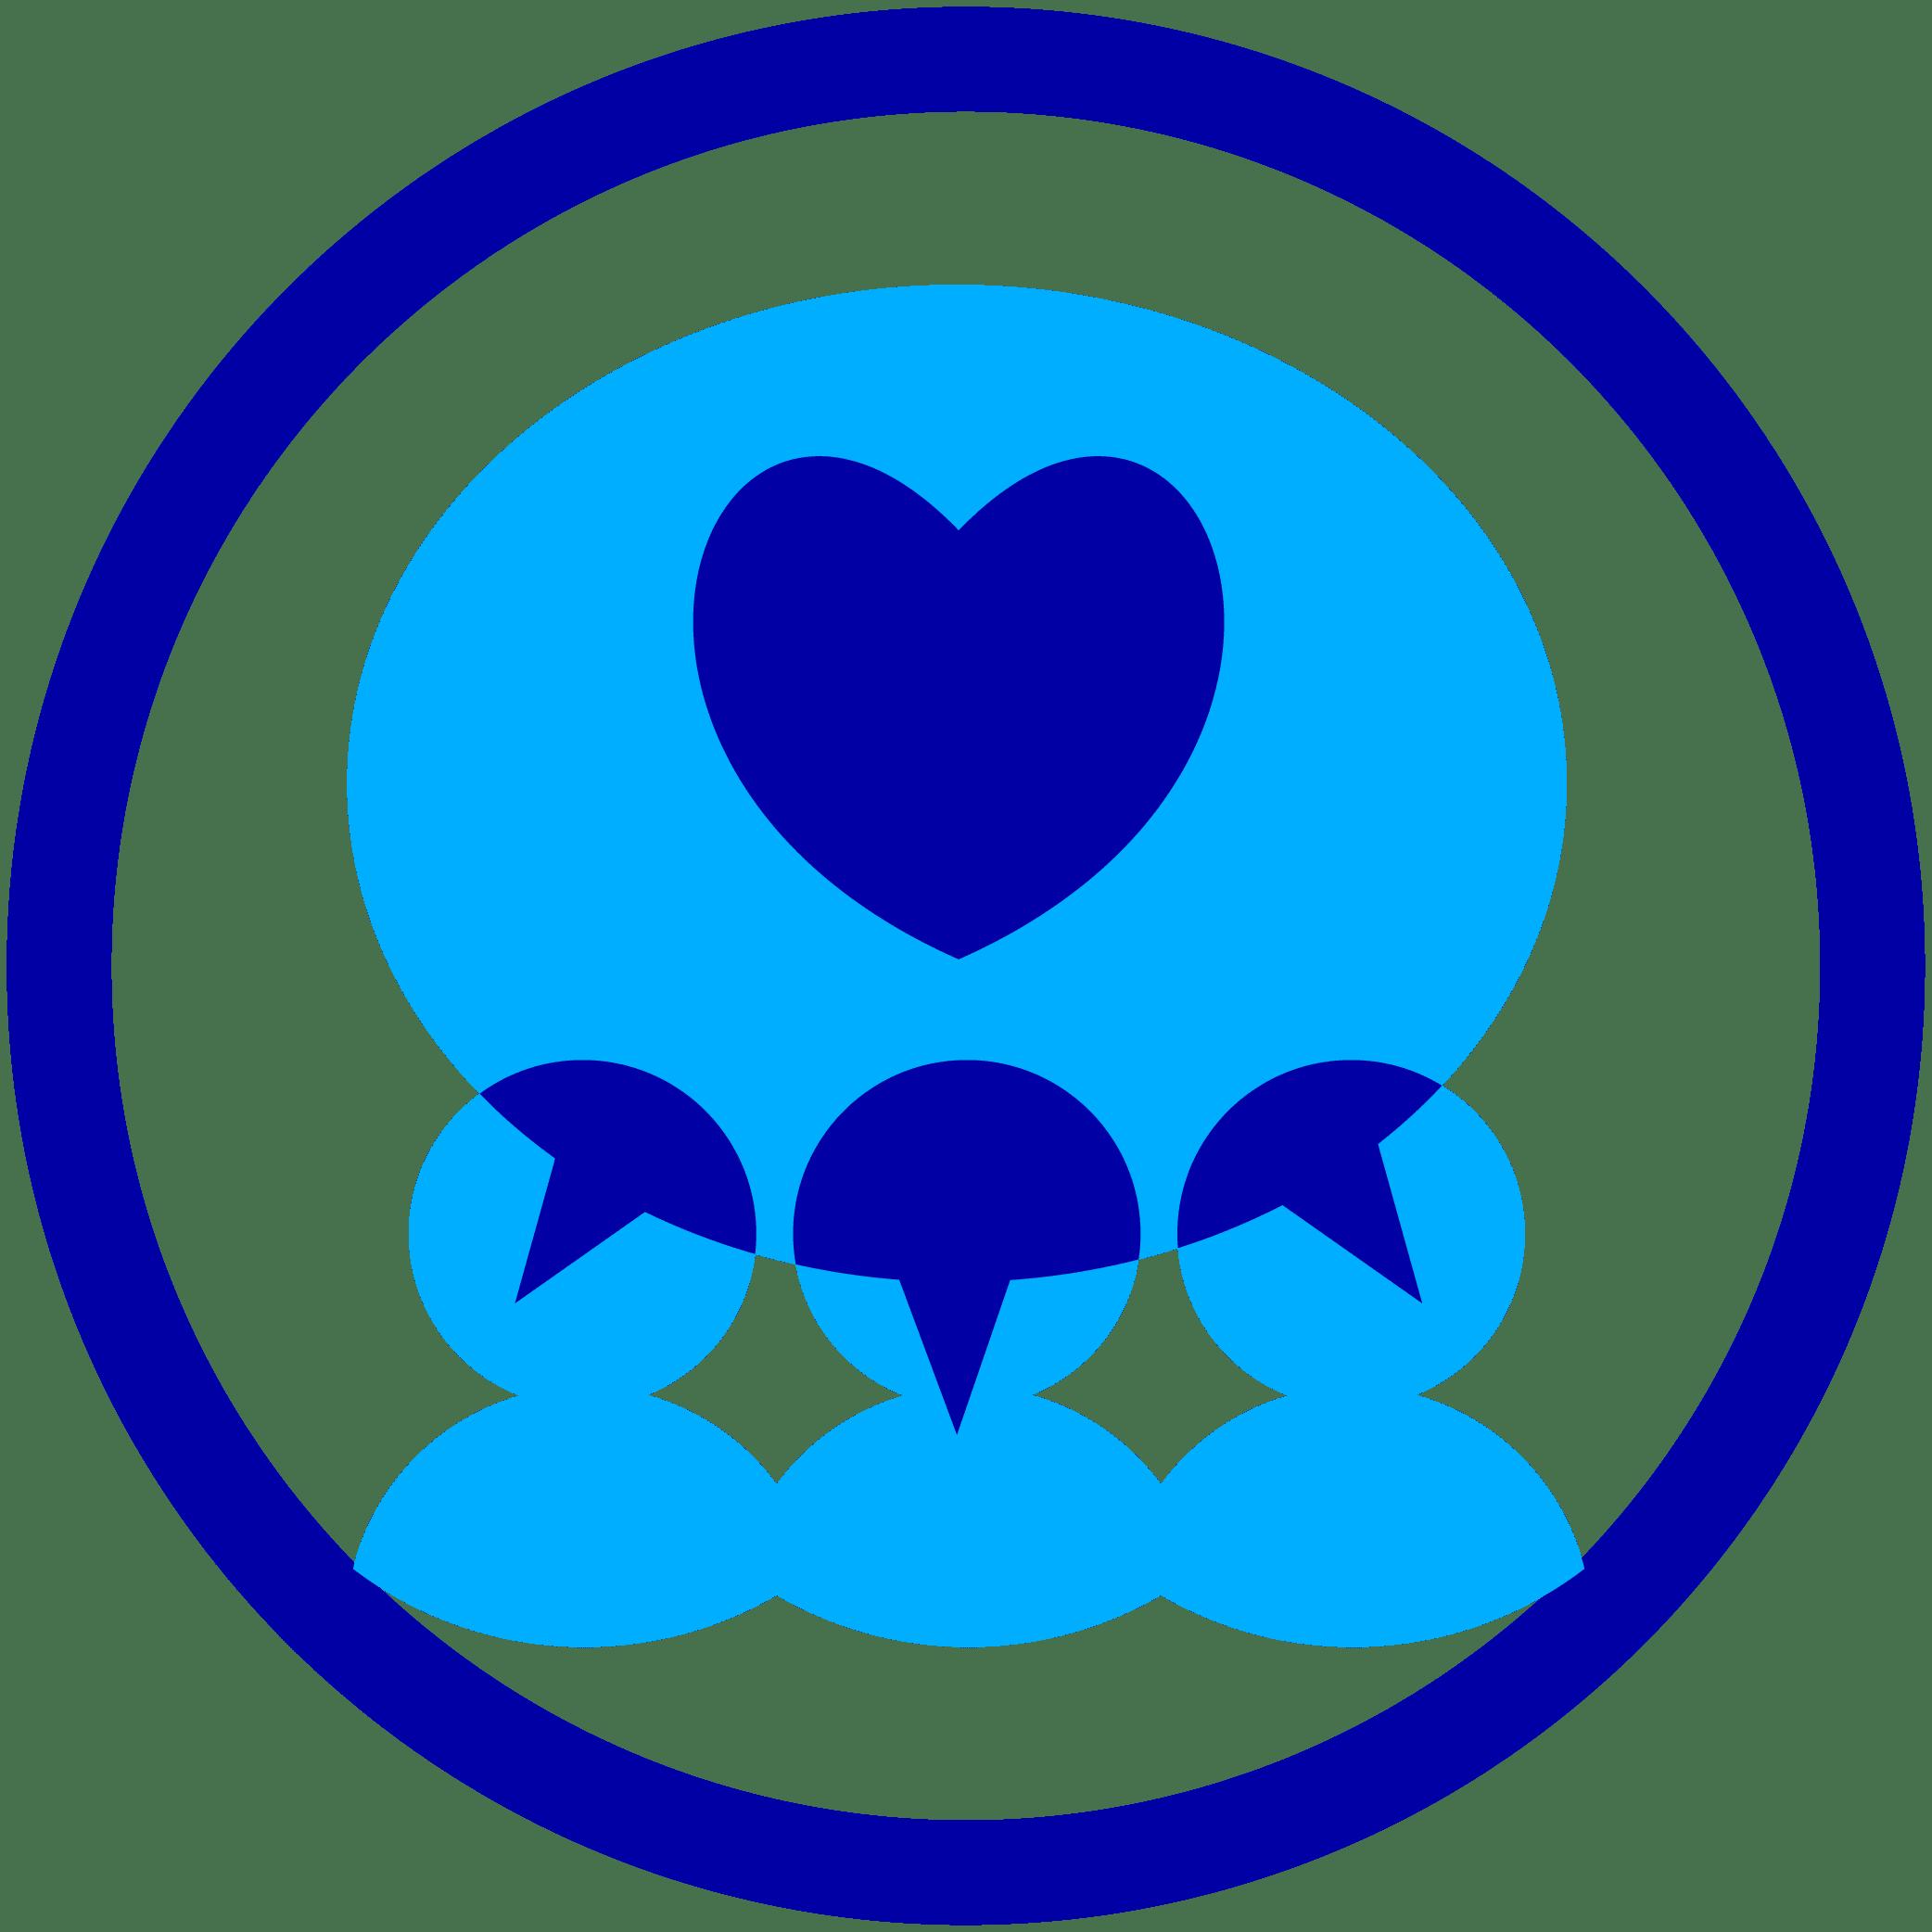 https://es.fi-group.com/wp-content/uploads/sites/4/2021/10/blue-icons-set_1-54-1.png